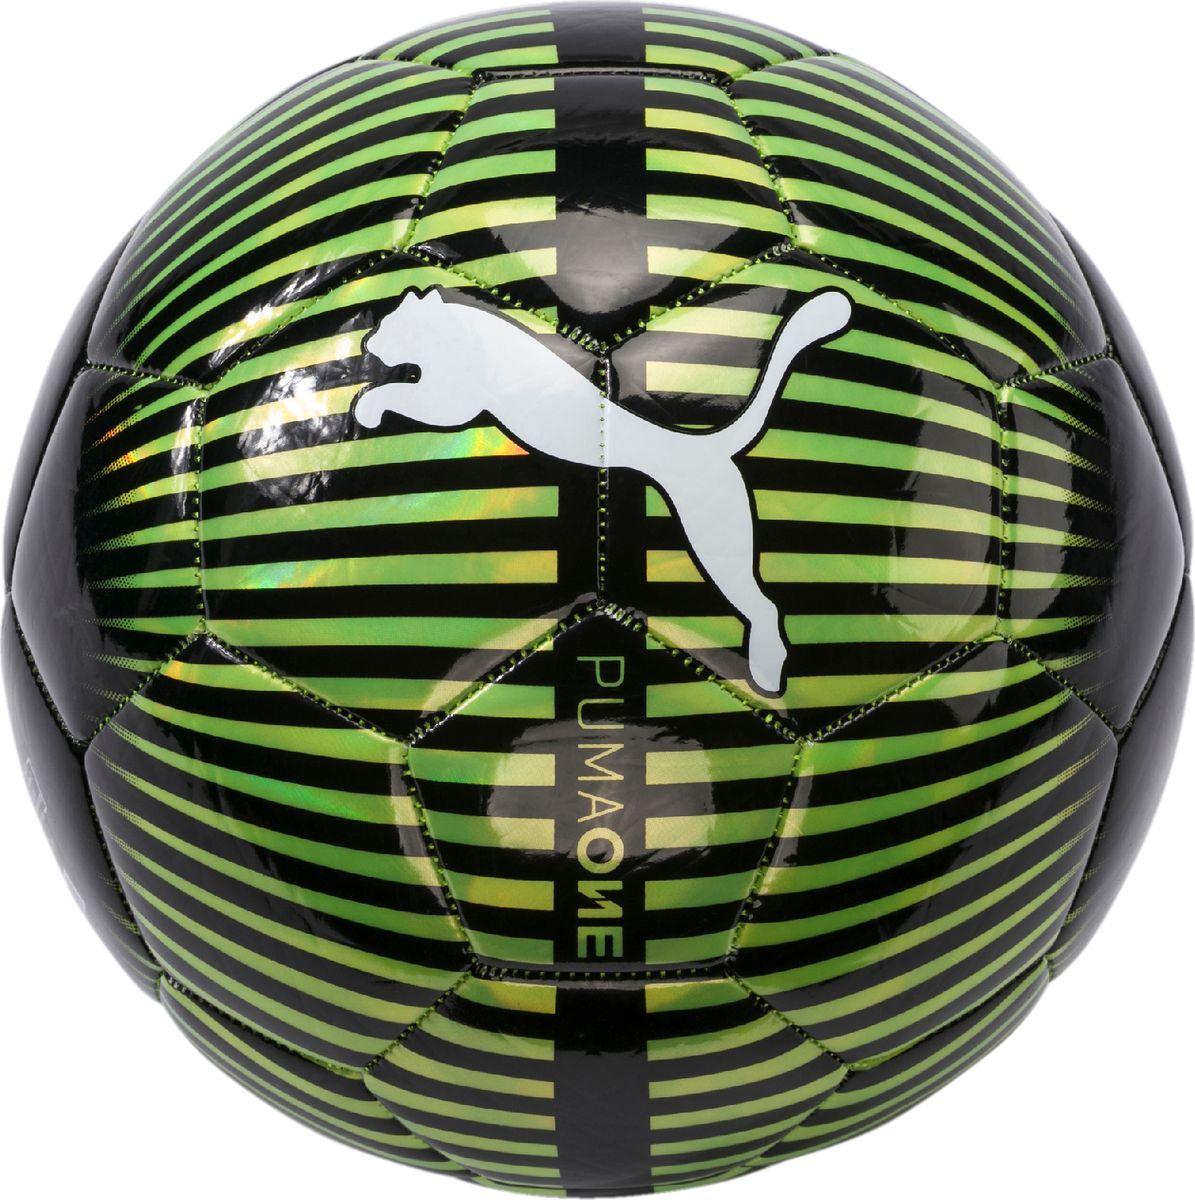 Мяч тренировочный Puma One Chrome Ball, цвет: желтый08282126Мяч для активного отдыха и игр с друзьями. Сочетание покрытия из термополиуретана и внешней термополиуретановой сверкающей пленки выглядит очень эффектно. Подложка из вспененного термополиэстера и полиуретана, а также надежная машинная прошивка панелей создают такие характеристики мяча, которые обеспечивают удобство приема, сохранение формы, чуткое реагирование на любые действия игрока, предсказуемость отскока, отличные аэродинамические качества.